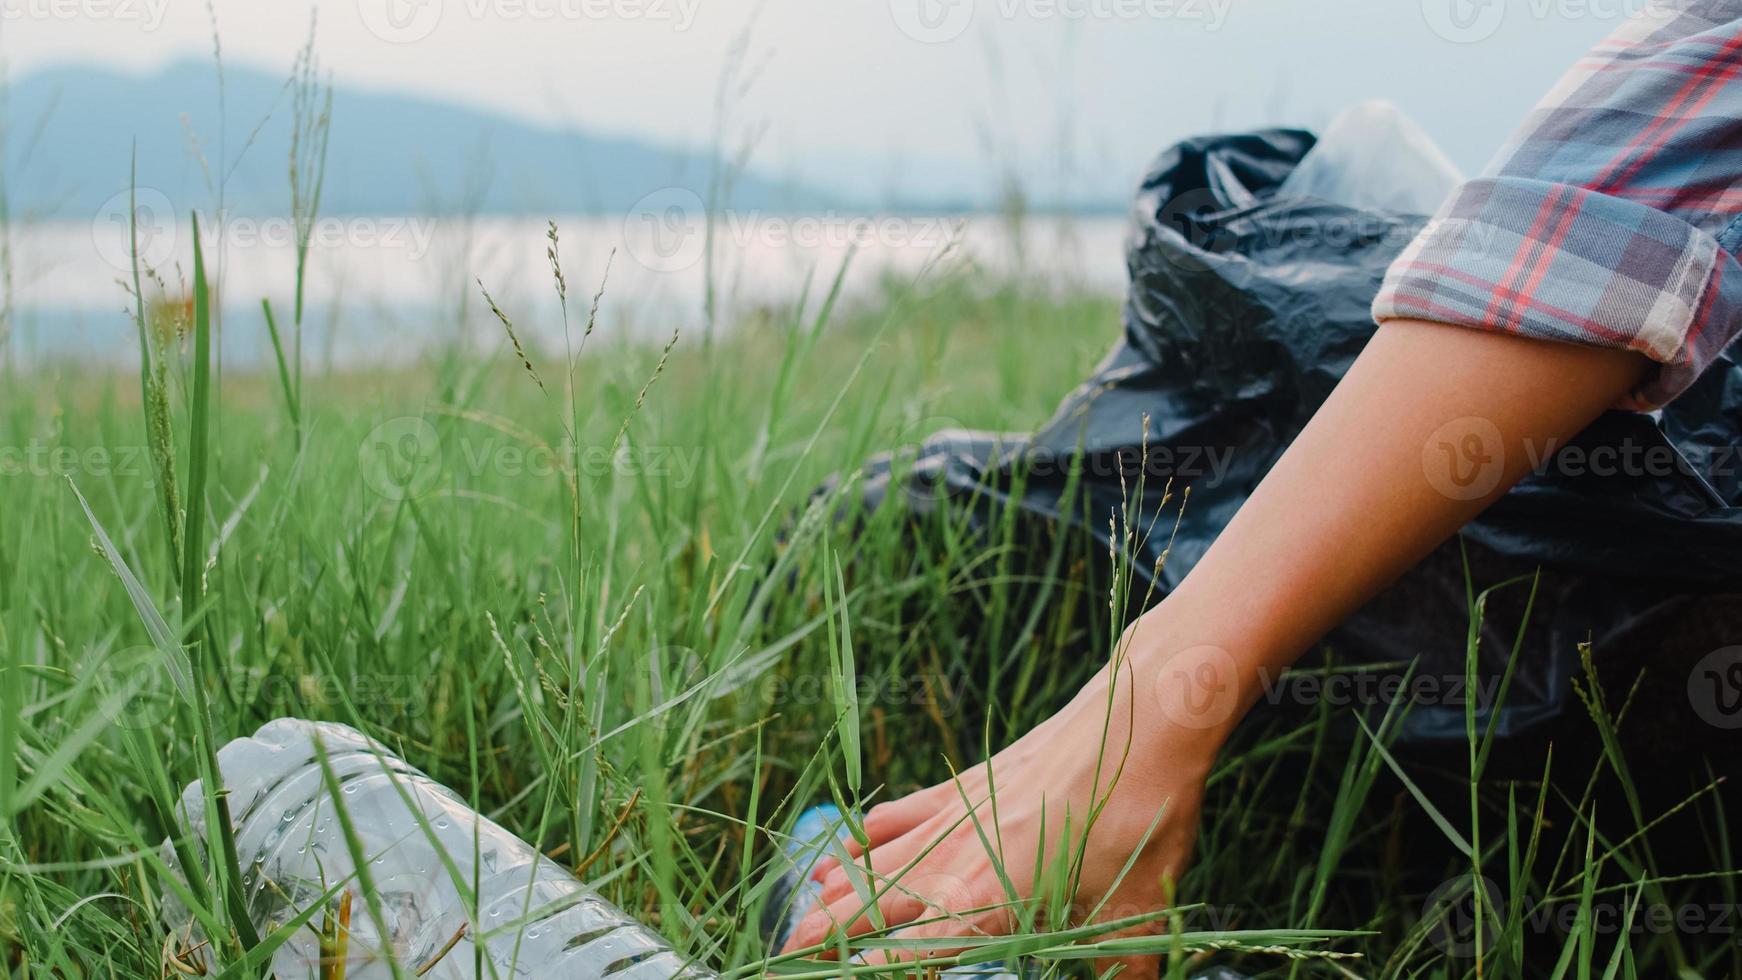 felices jóvenes activistas asiáticos que recogen desechos plásticos en el bosque. Las voluntarias coreanas ayudan a mantener la naturaleza limpia y a recoger basura. concepto sobre los problemas de contaminación de la conservación del medio ambiente. foto